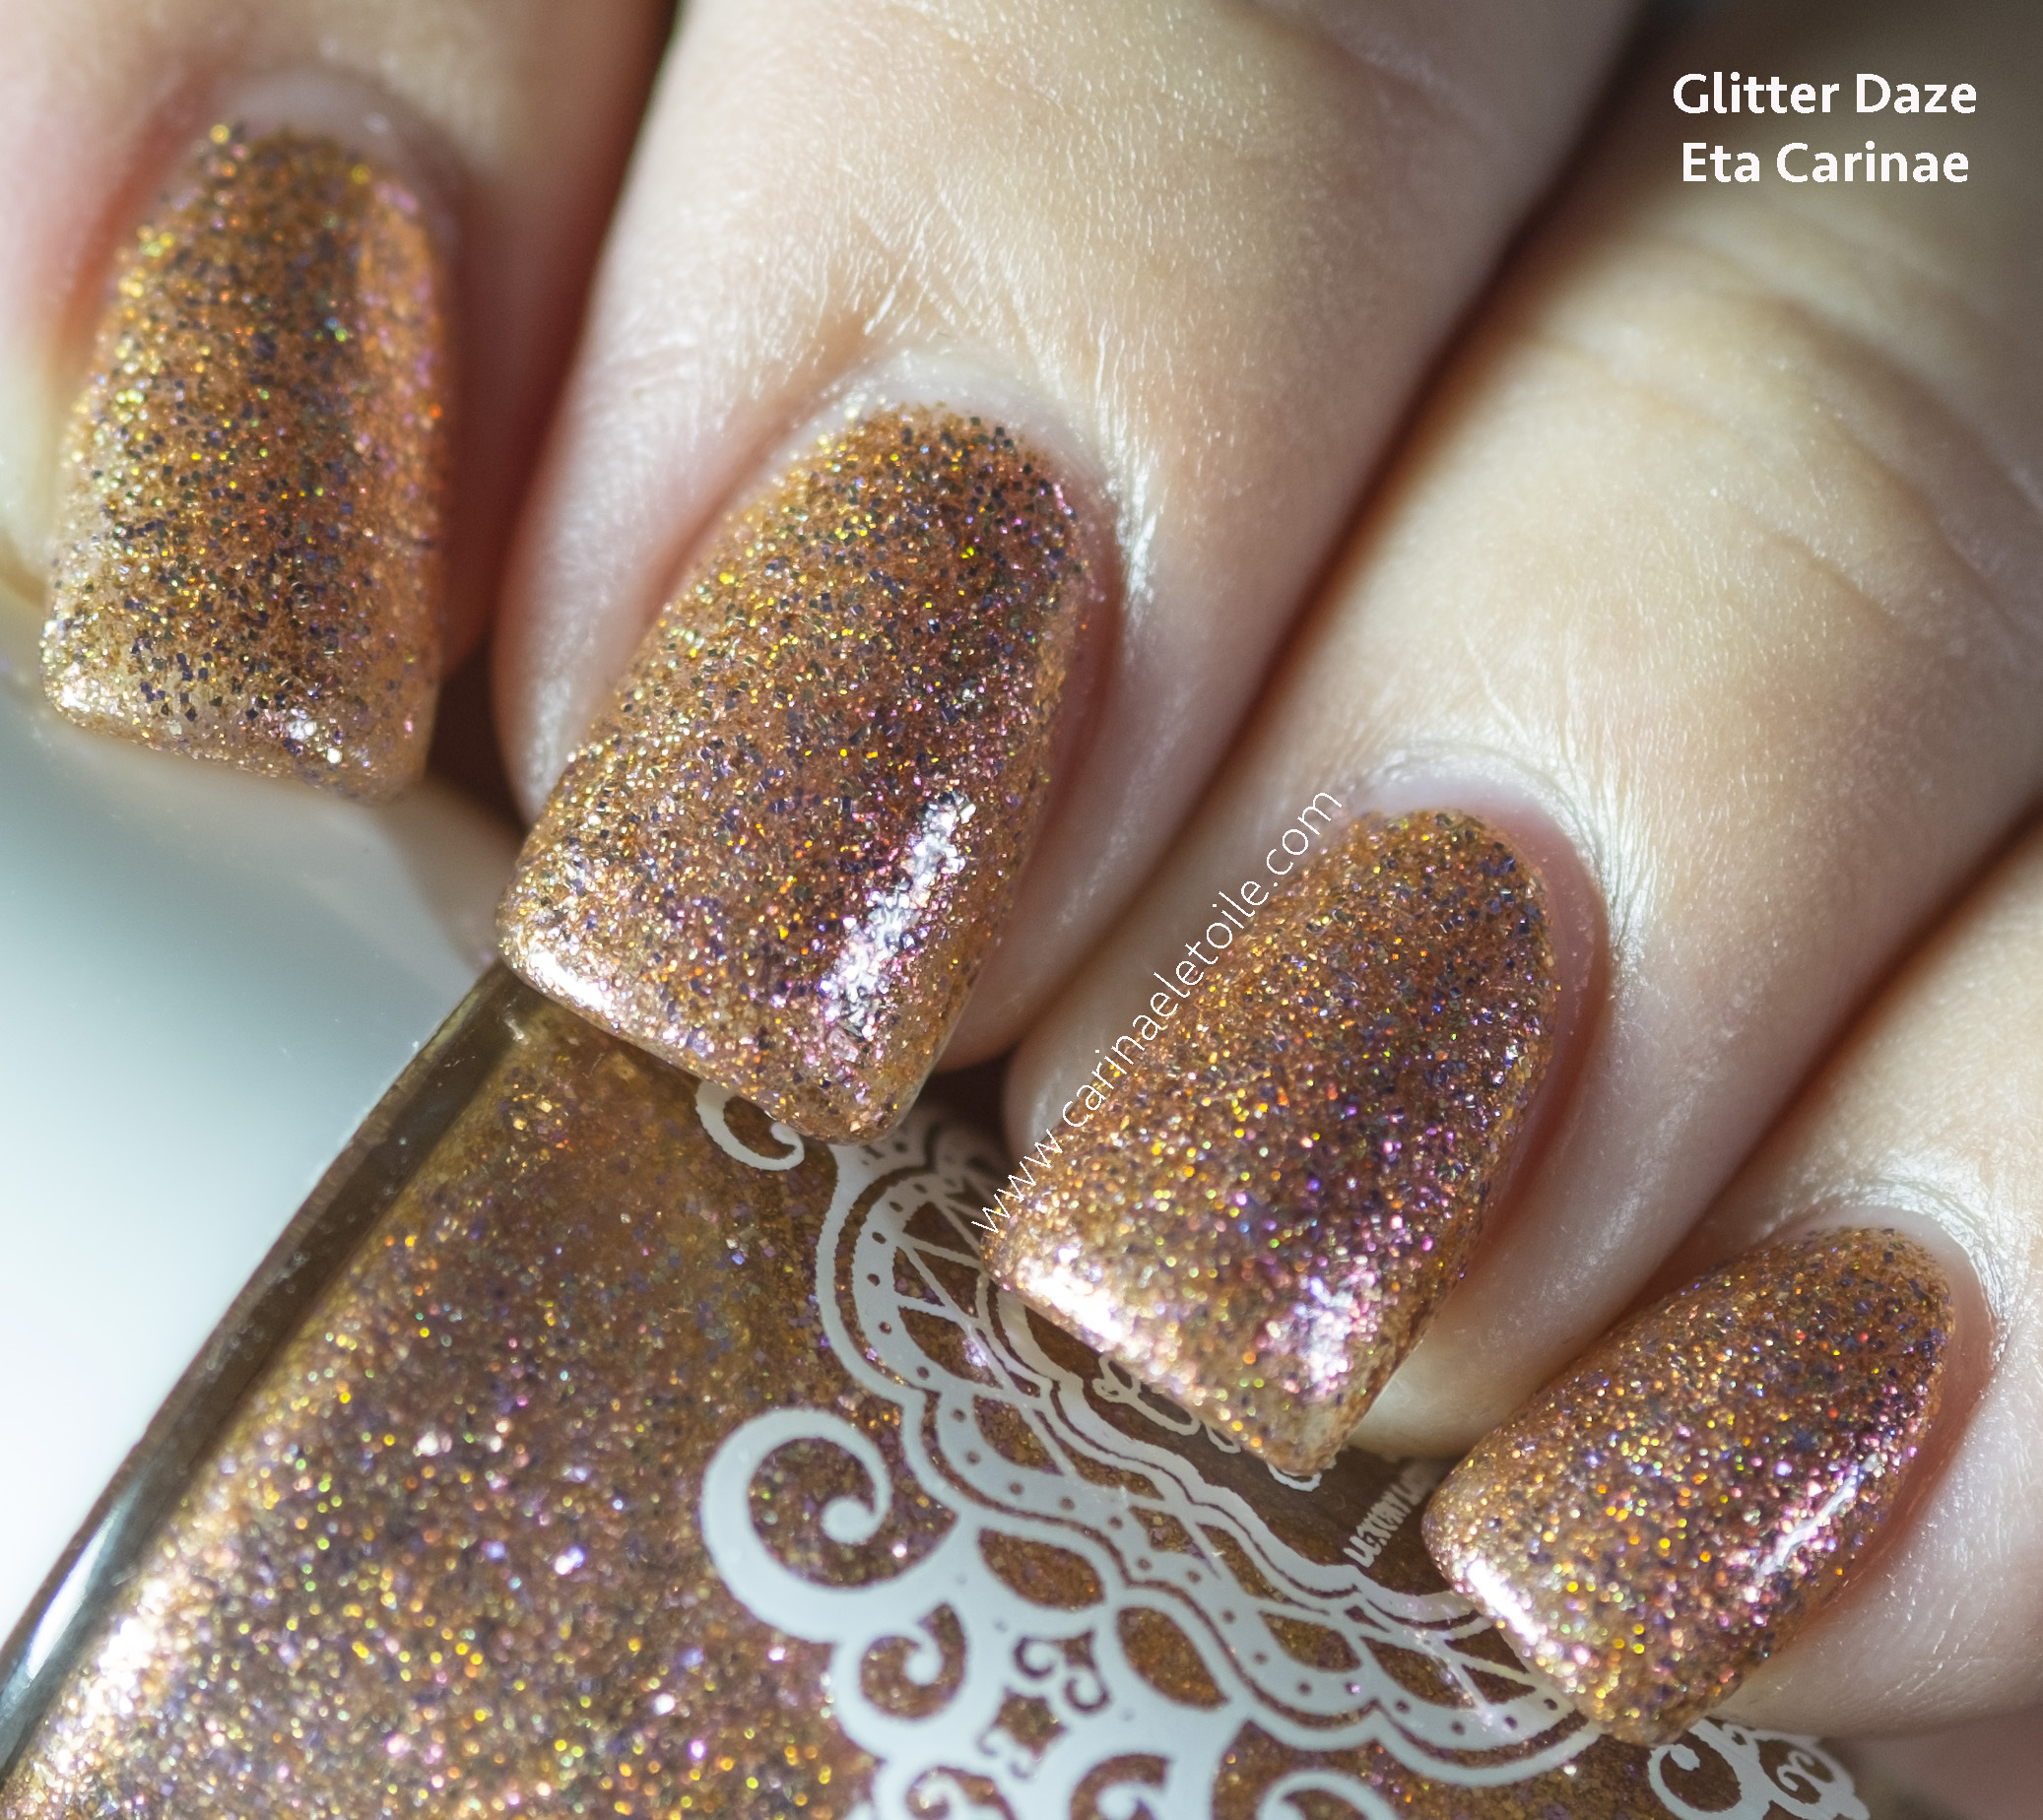 Glitter Daze Eta Carinae